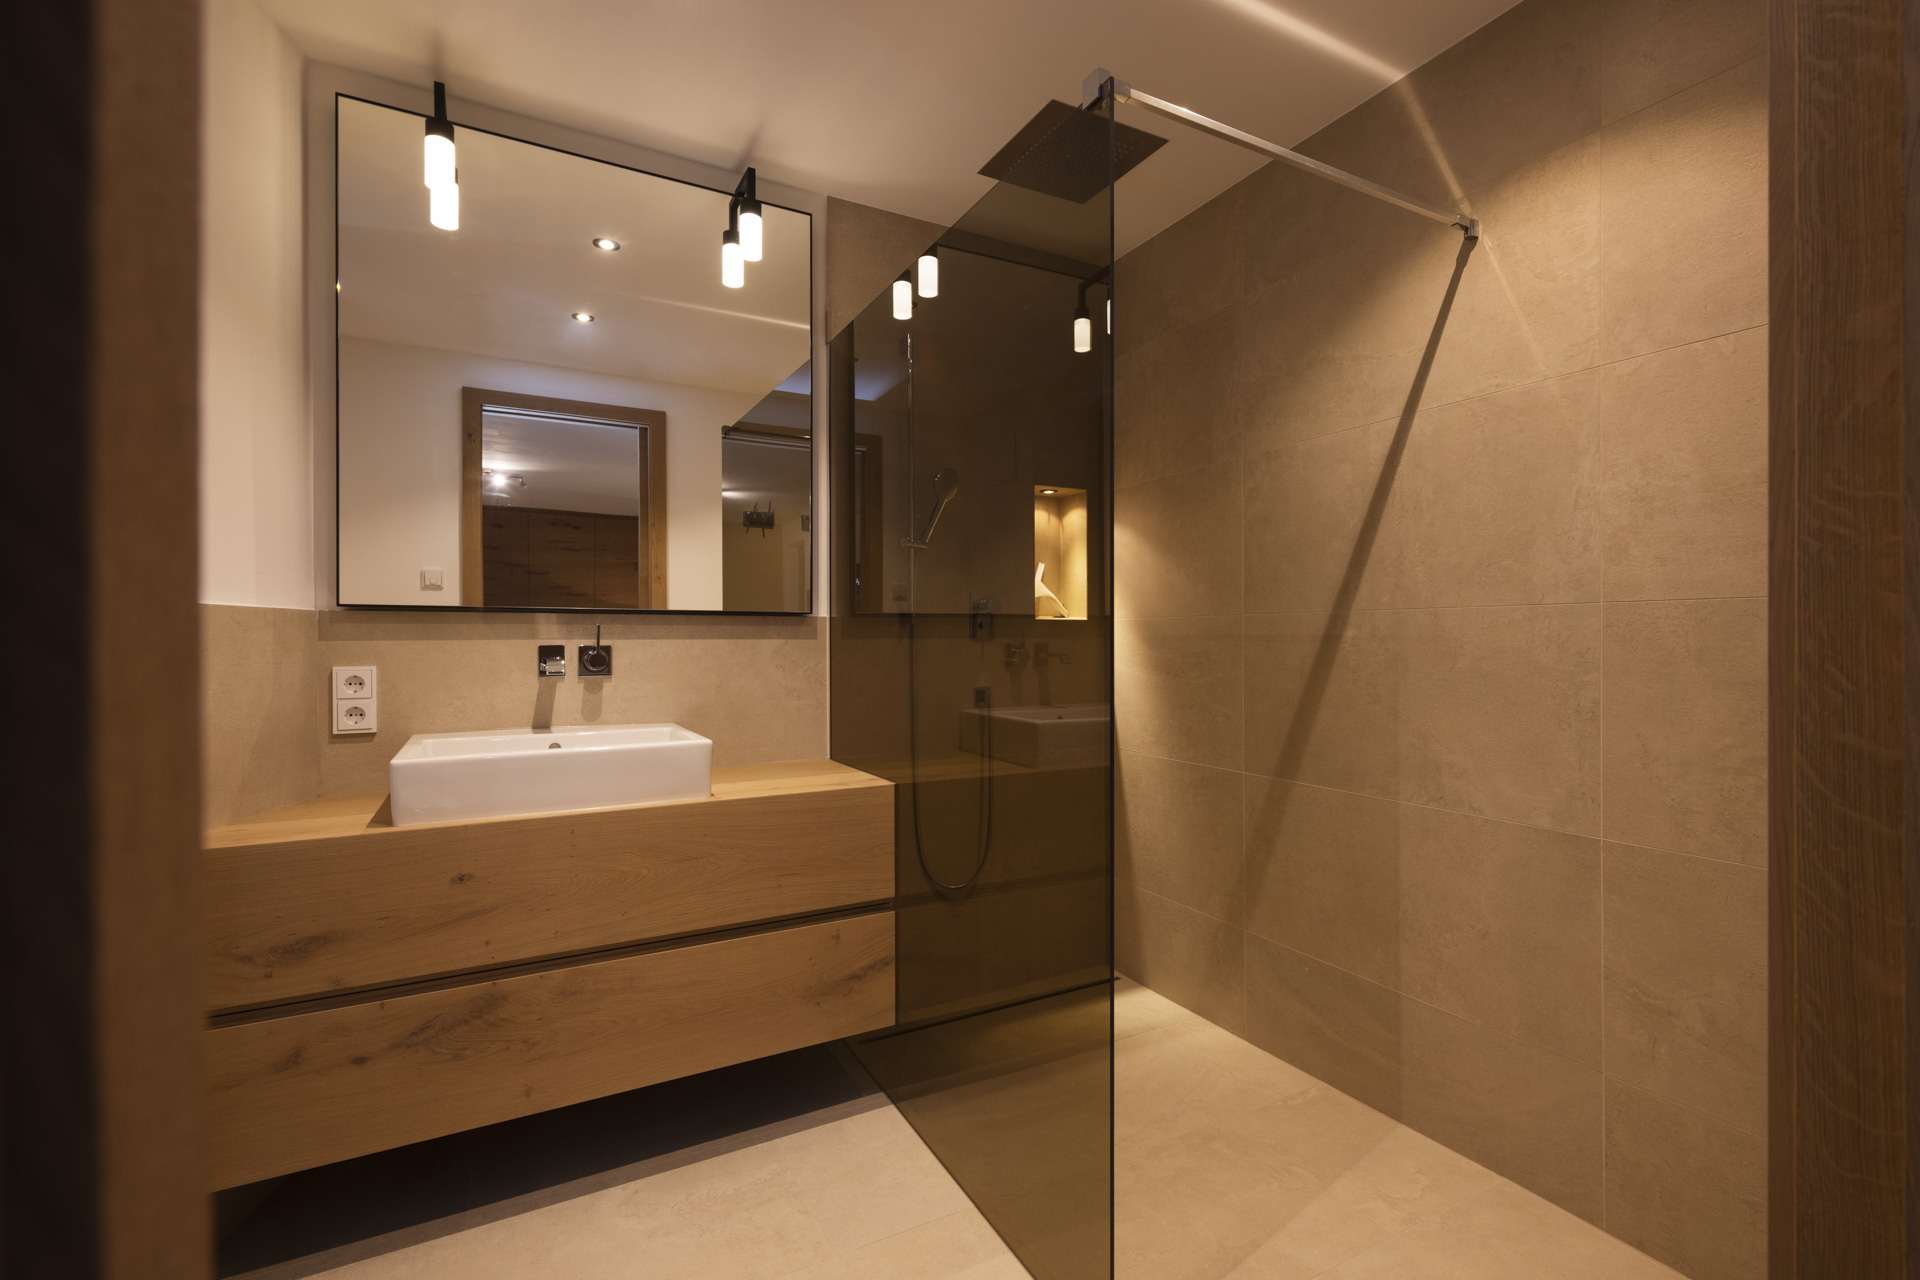 Tischlerei-Decker-Projekte-Wohnung-D-grosses-Badezimmer